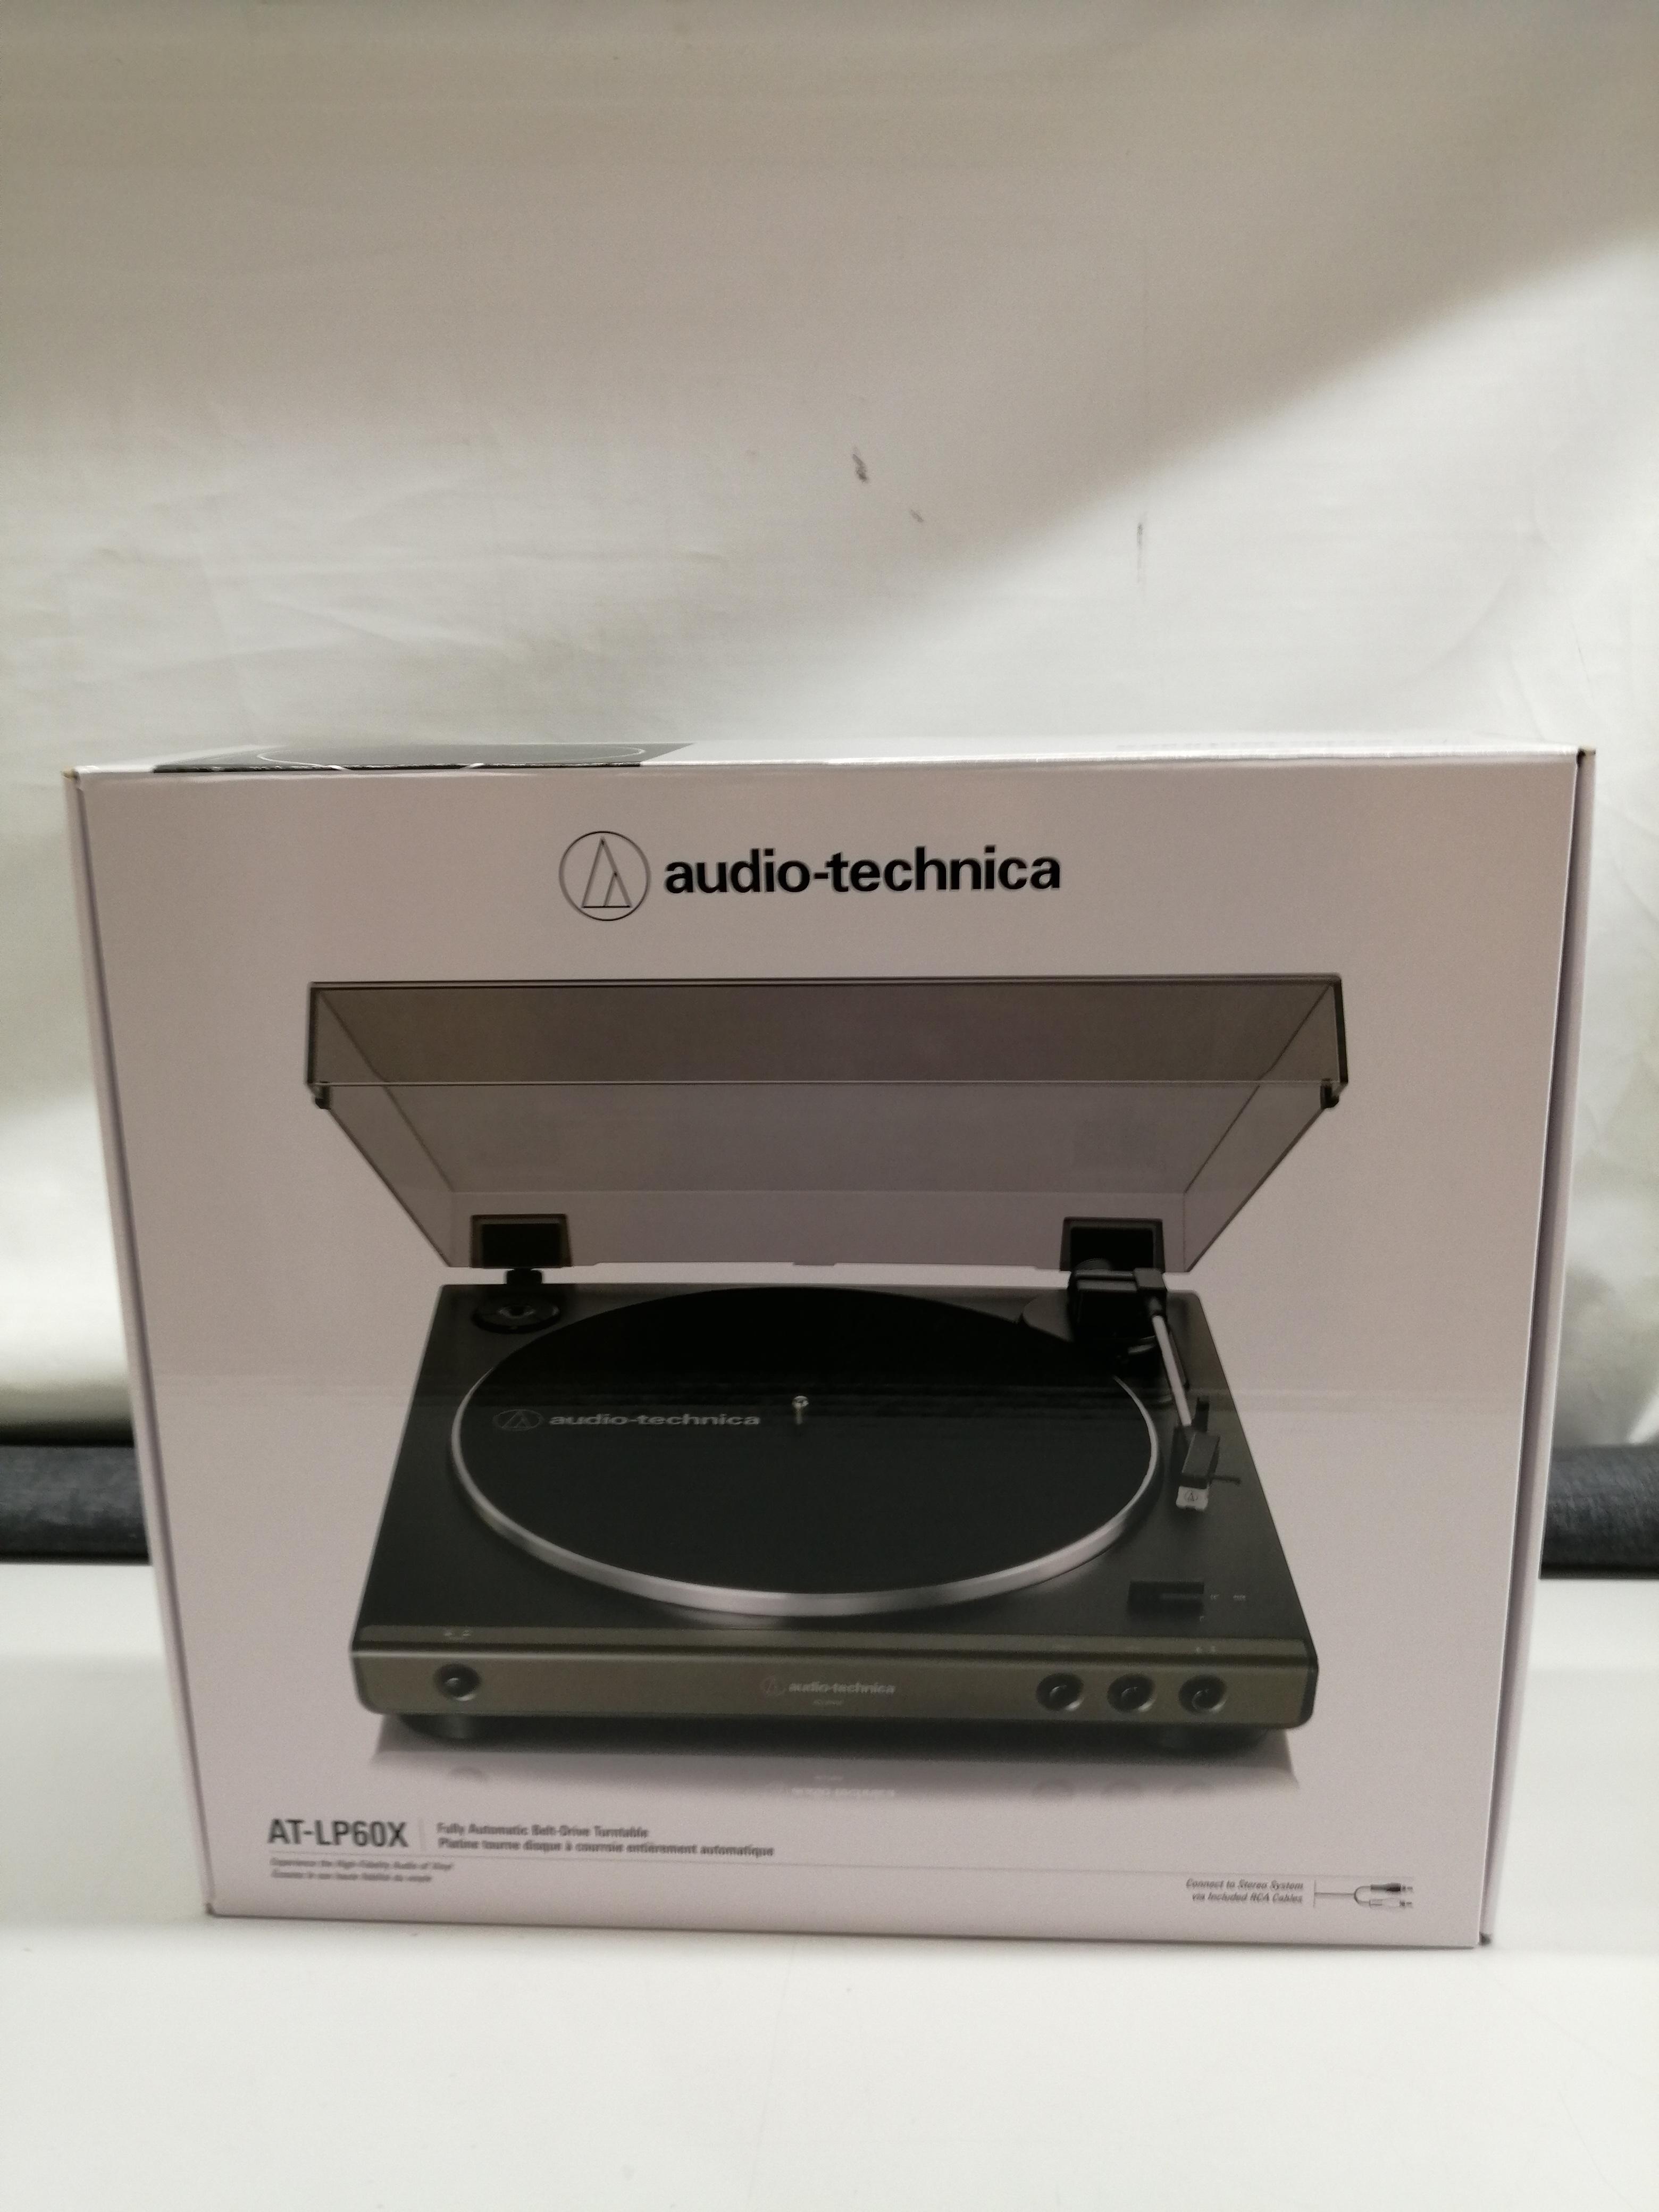 レコードプレーヤー|AUDIO-TECHNICA